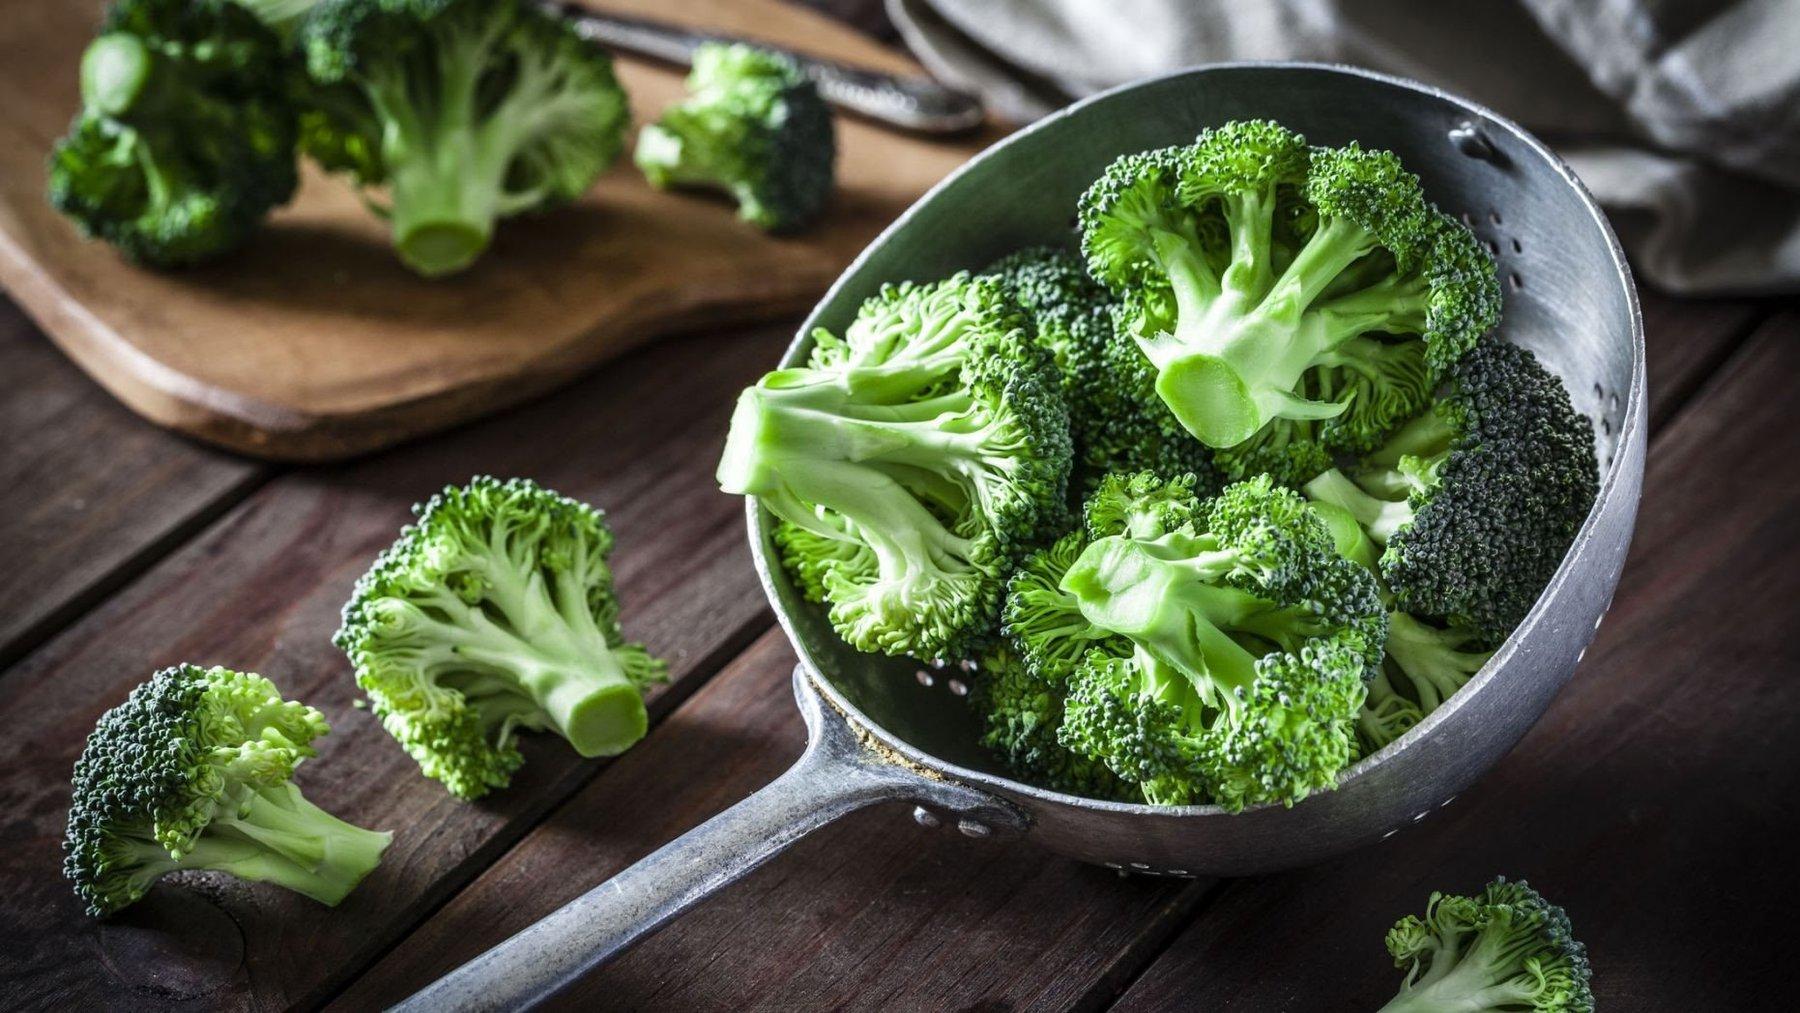 DAMODE: Top 12 thực phẩm tăng cường sinh lý nam tốt nhất , giữ vững phong độ